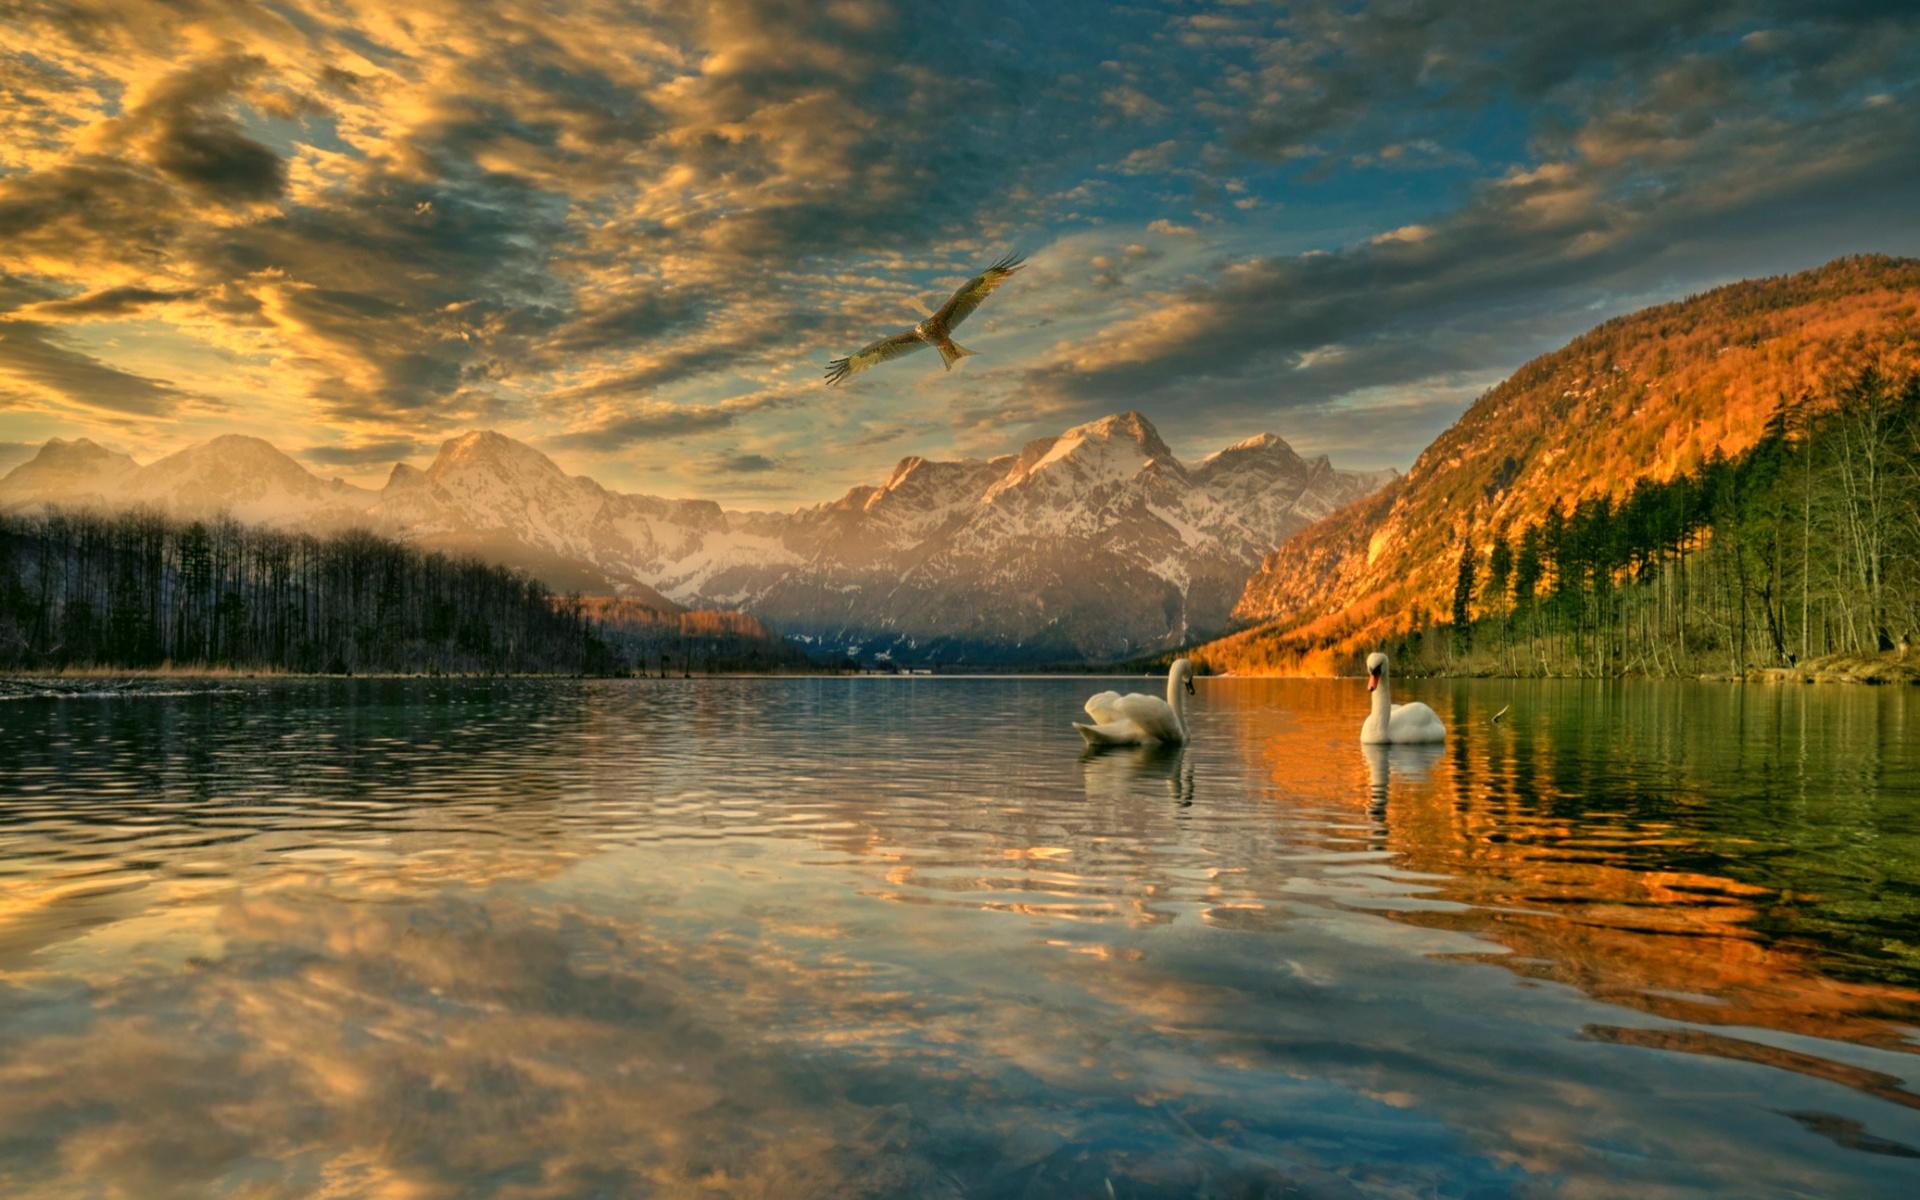 лебеди, коршун, пейзаж